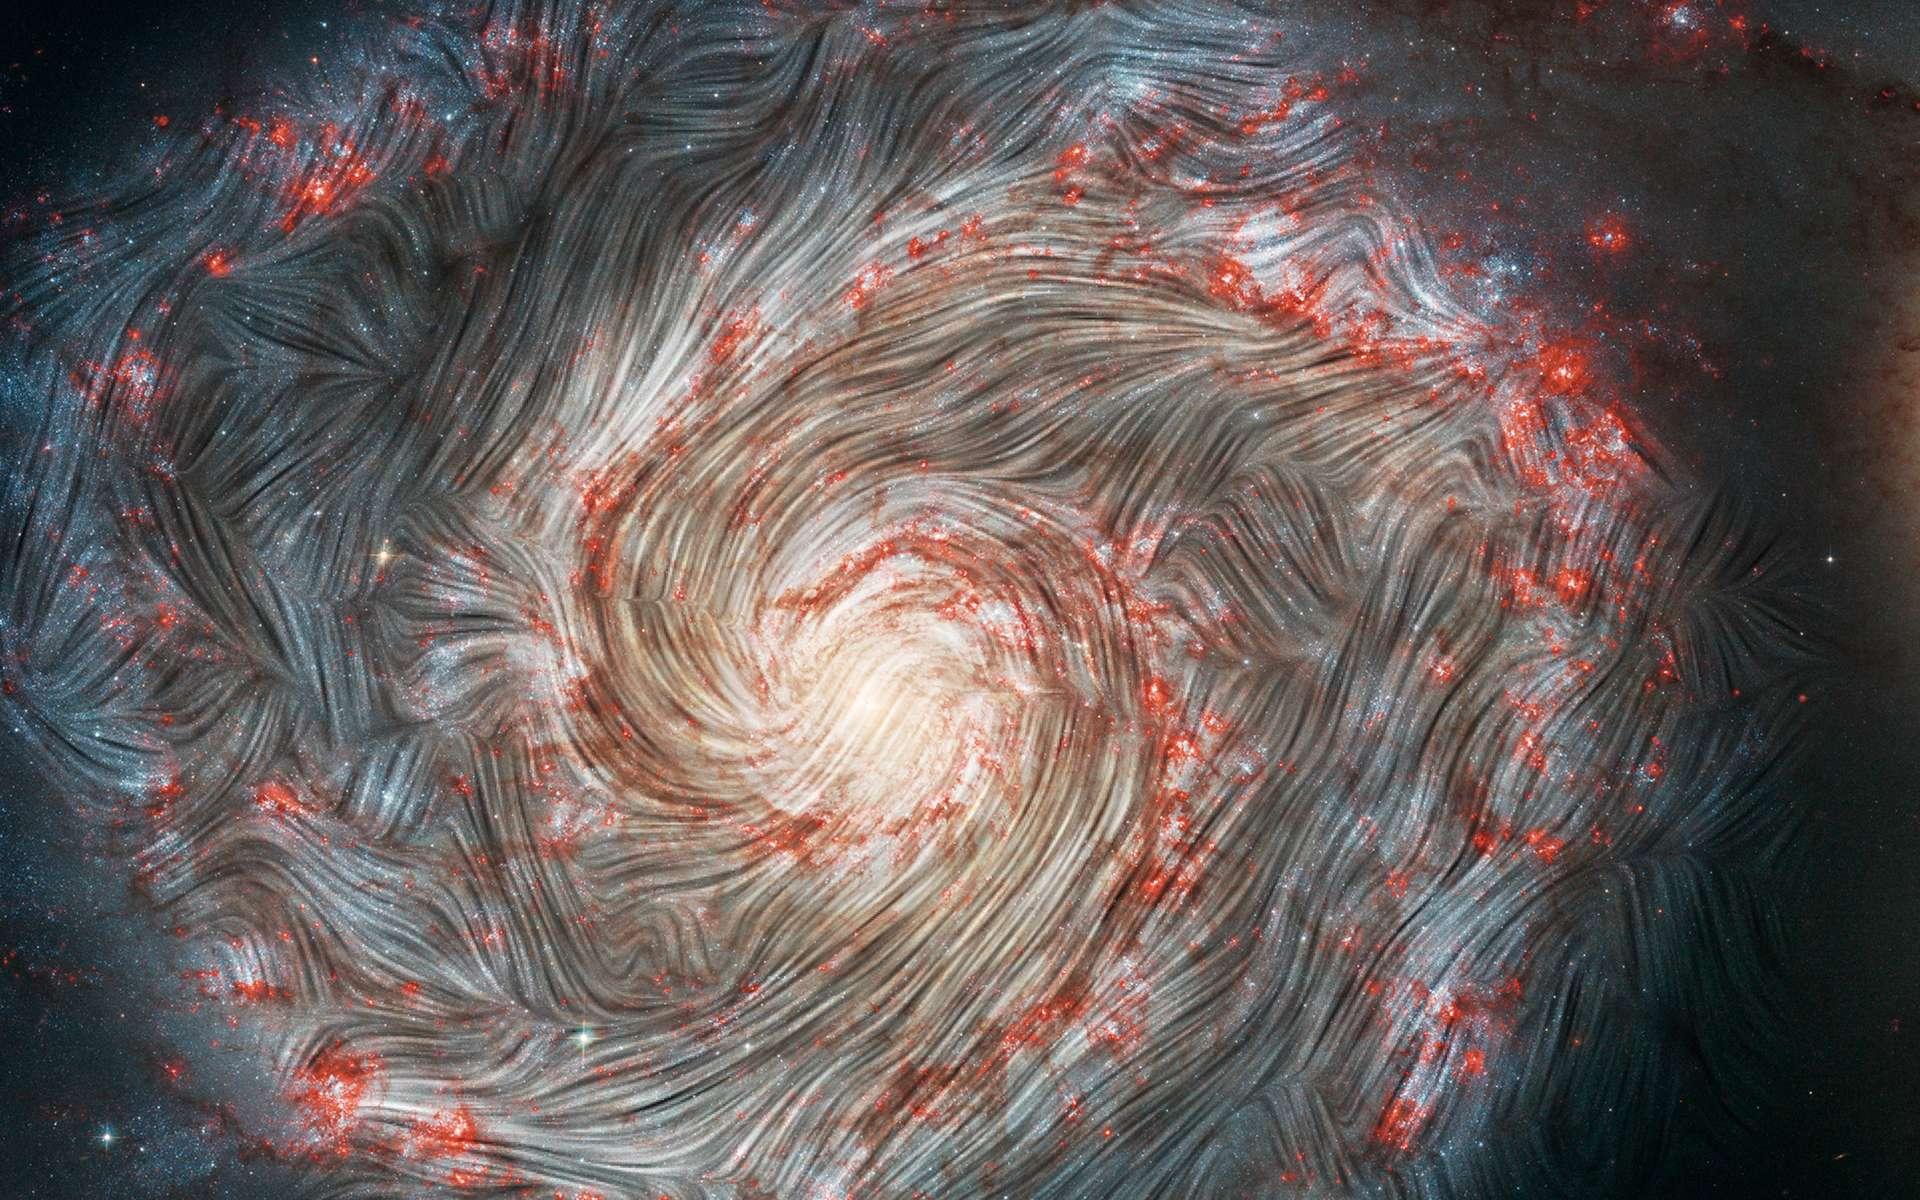 Les lignes de champ magnétique de la galaxie du tourbillon ne suivent pas sa structure en spirale. ©Nasa, the SOFIA science team, A. Borlaff; Nasa, ESA, S. Beckwith (STScI), the Hubble Heritage Team (STScI/AURA)